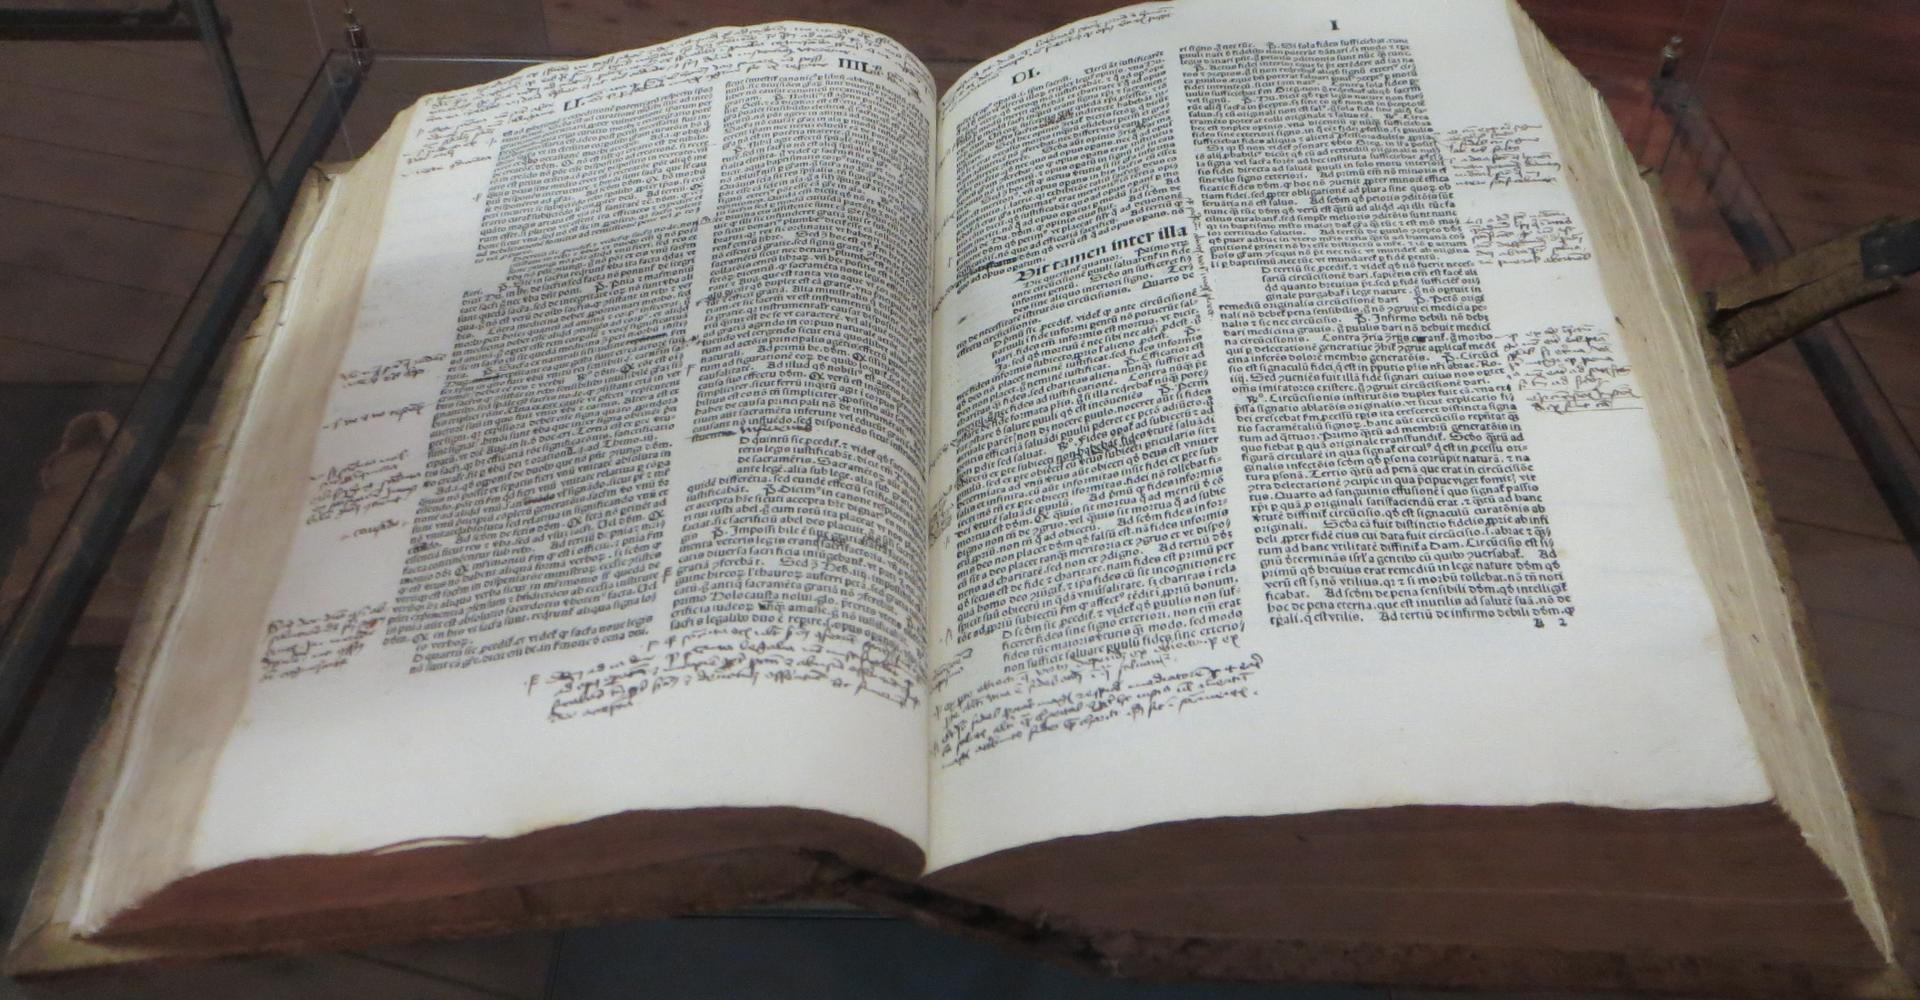 Ausgabe der Summa Theologica 1486 - Francisceumsbibliothek, Zerbst